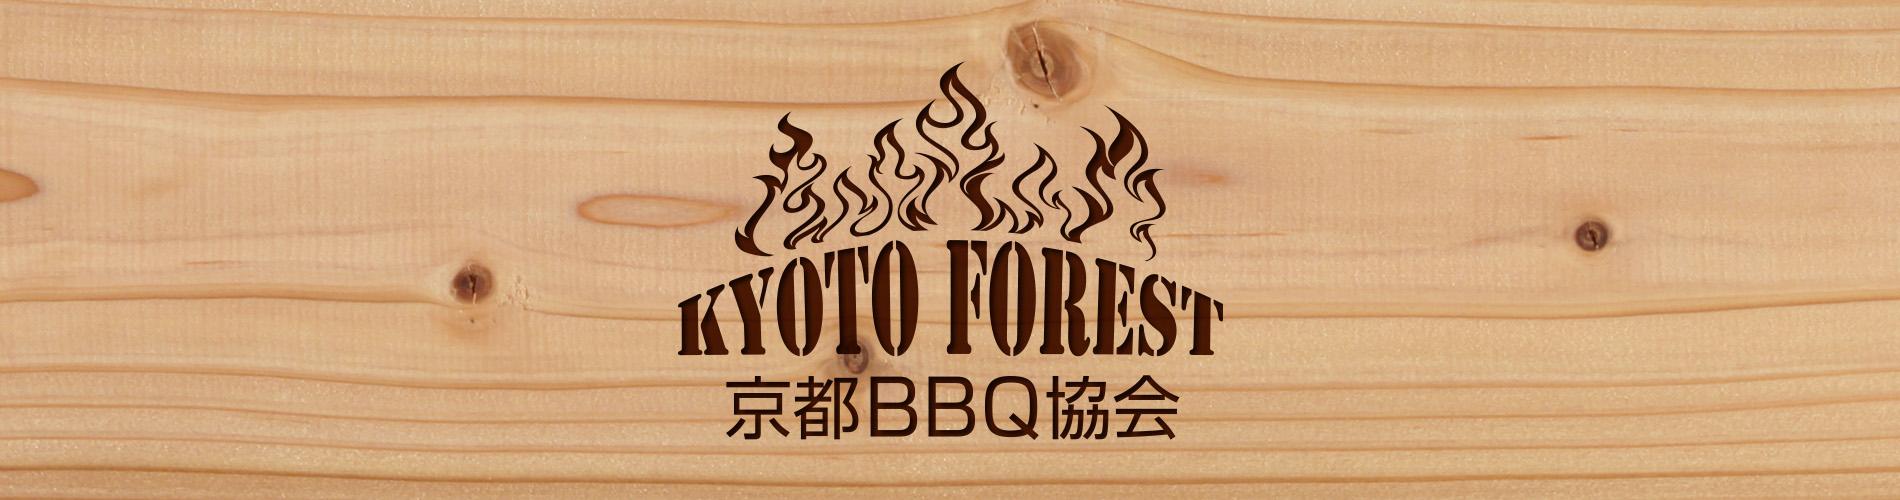 京都BBQオリジナルBBQグッズ